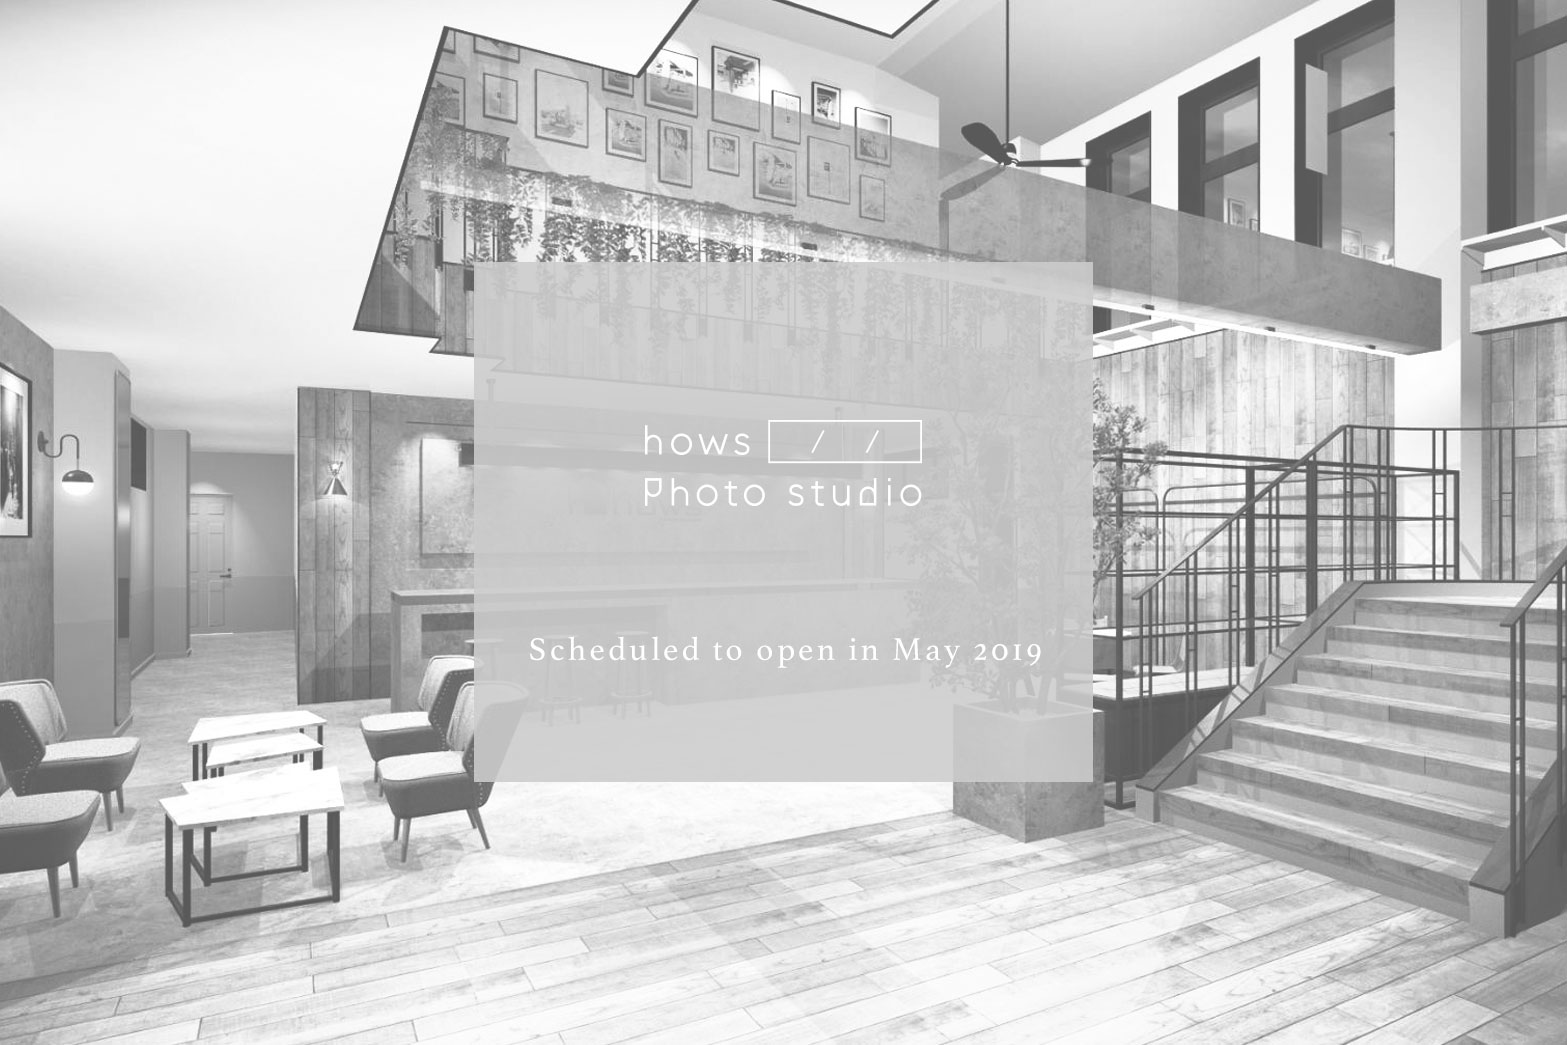 新しいスタジオをお見せするのが楽しみです。